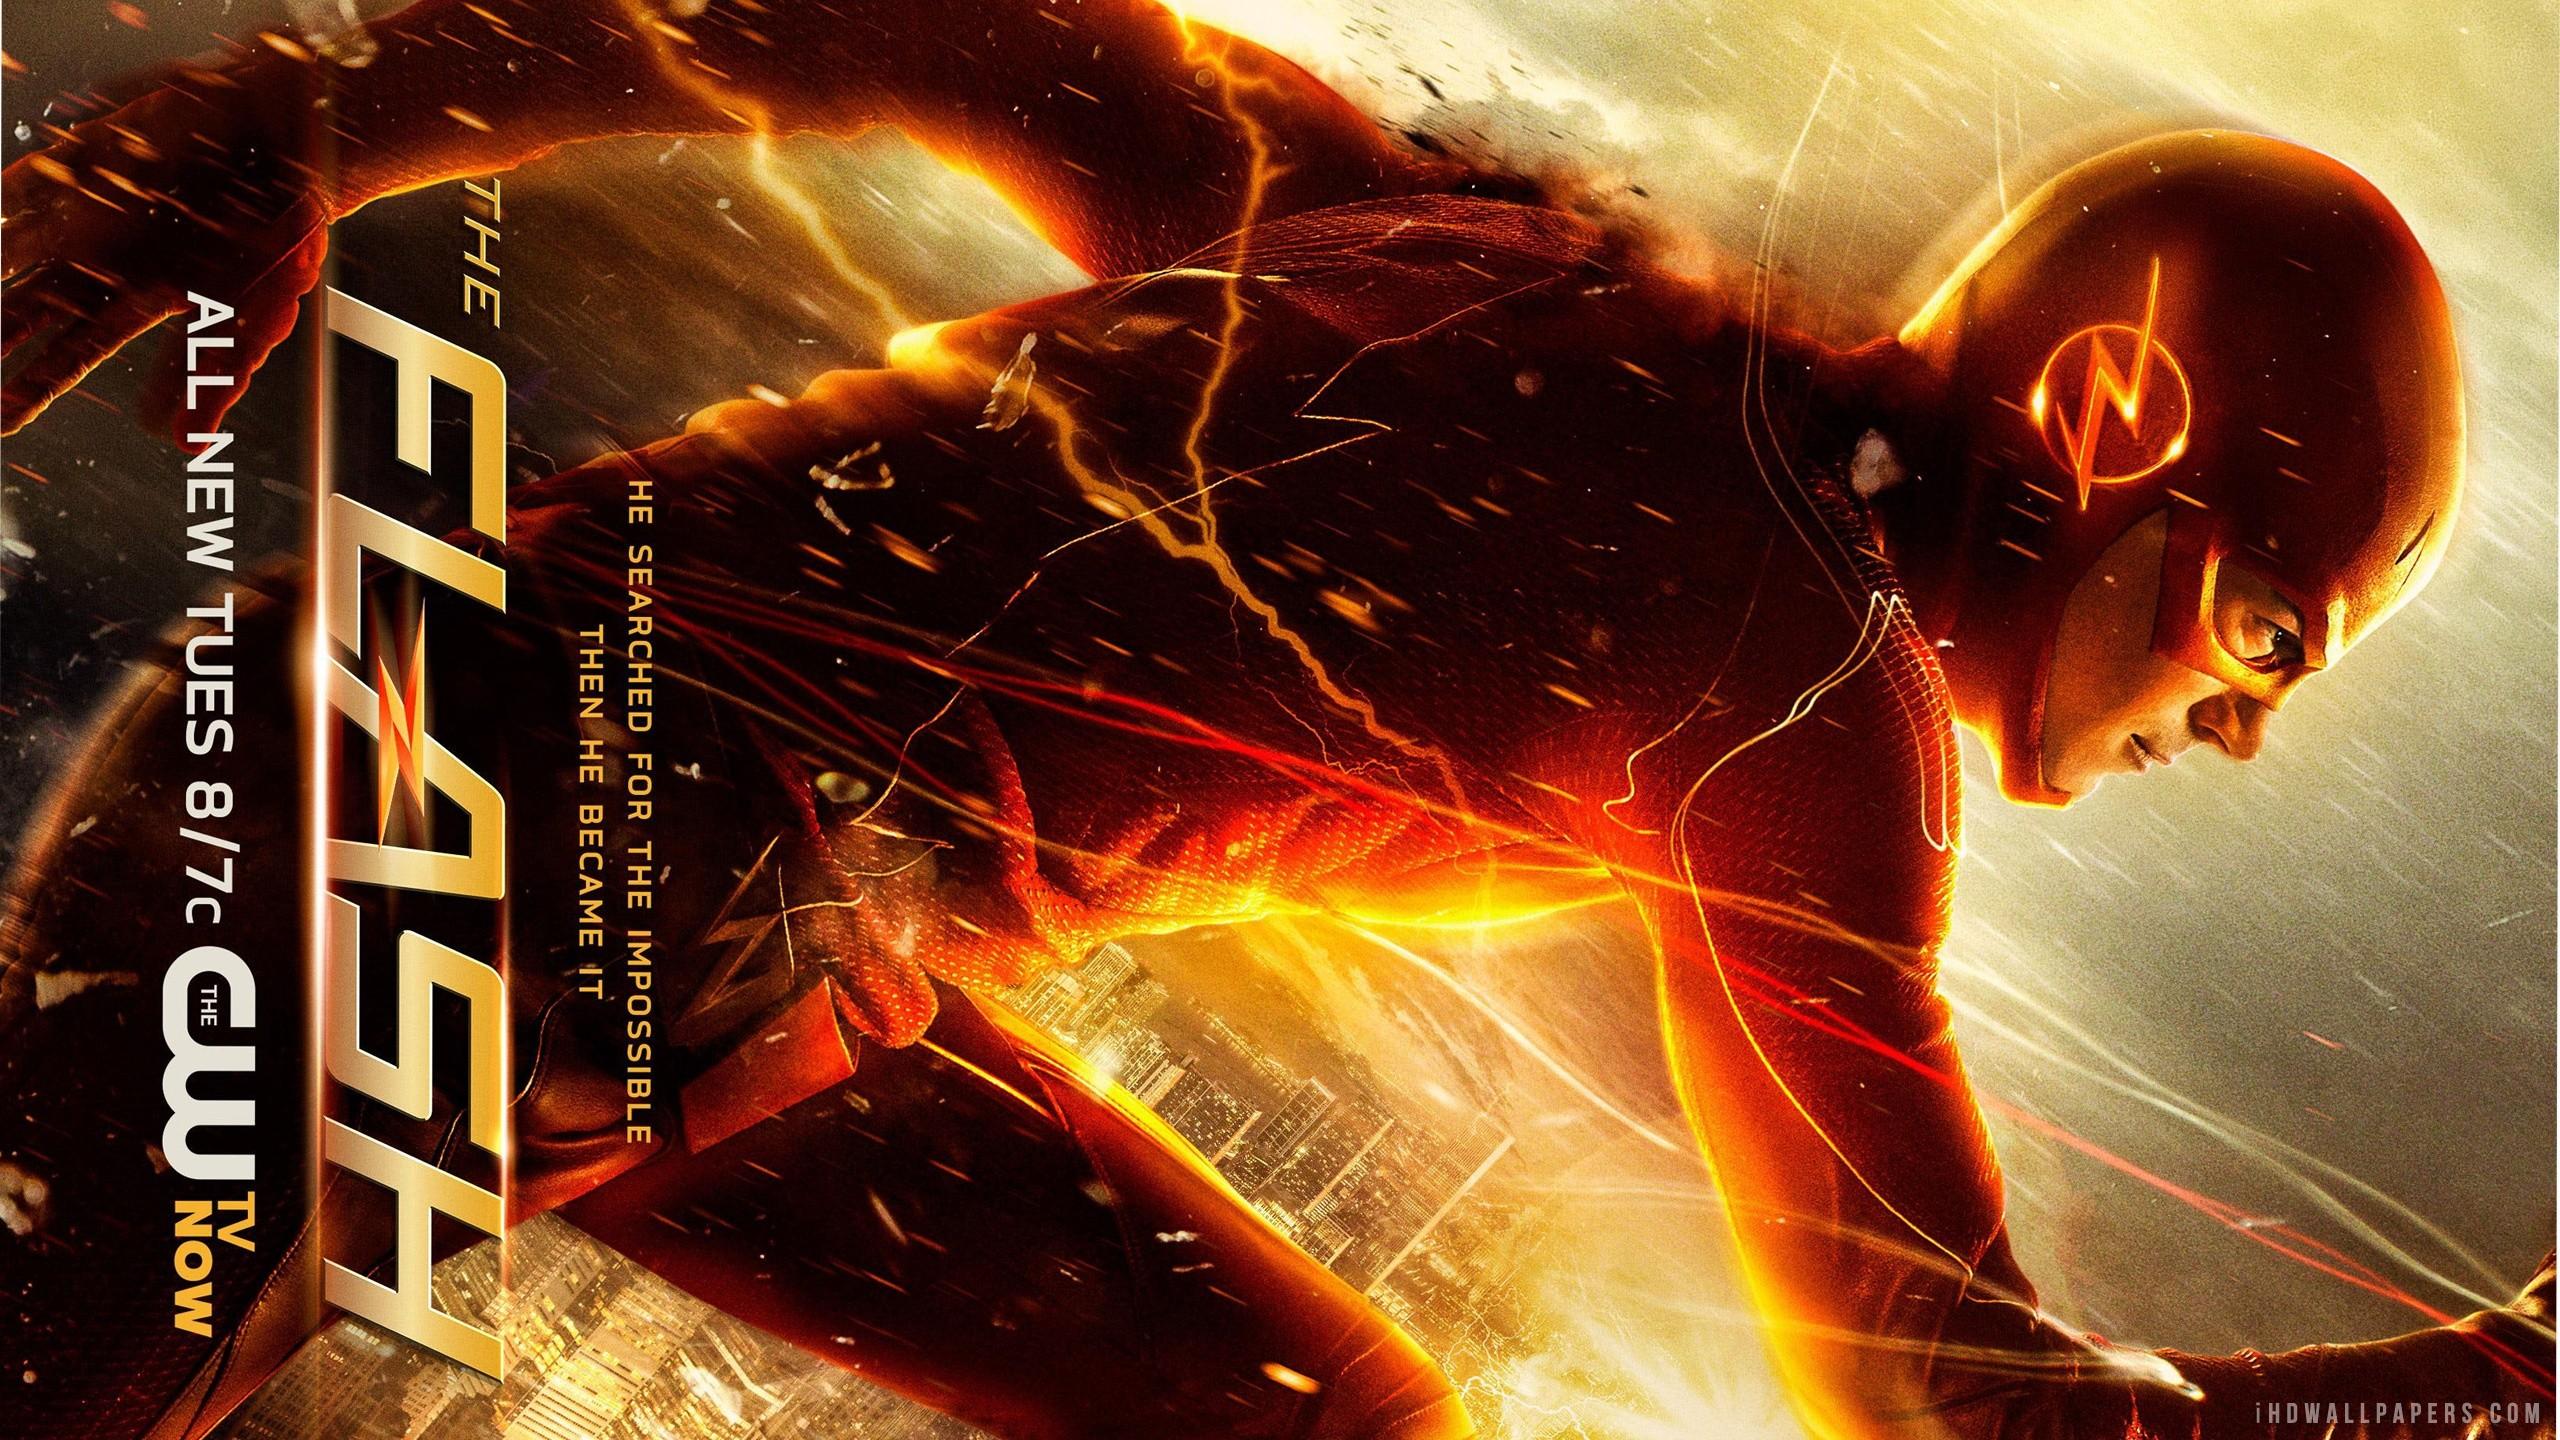 The Flash TV Wallpaper – WallpaperSafari